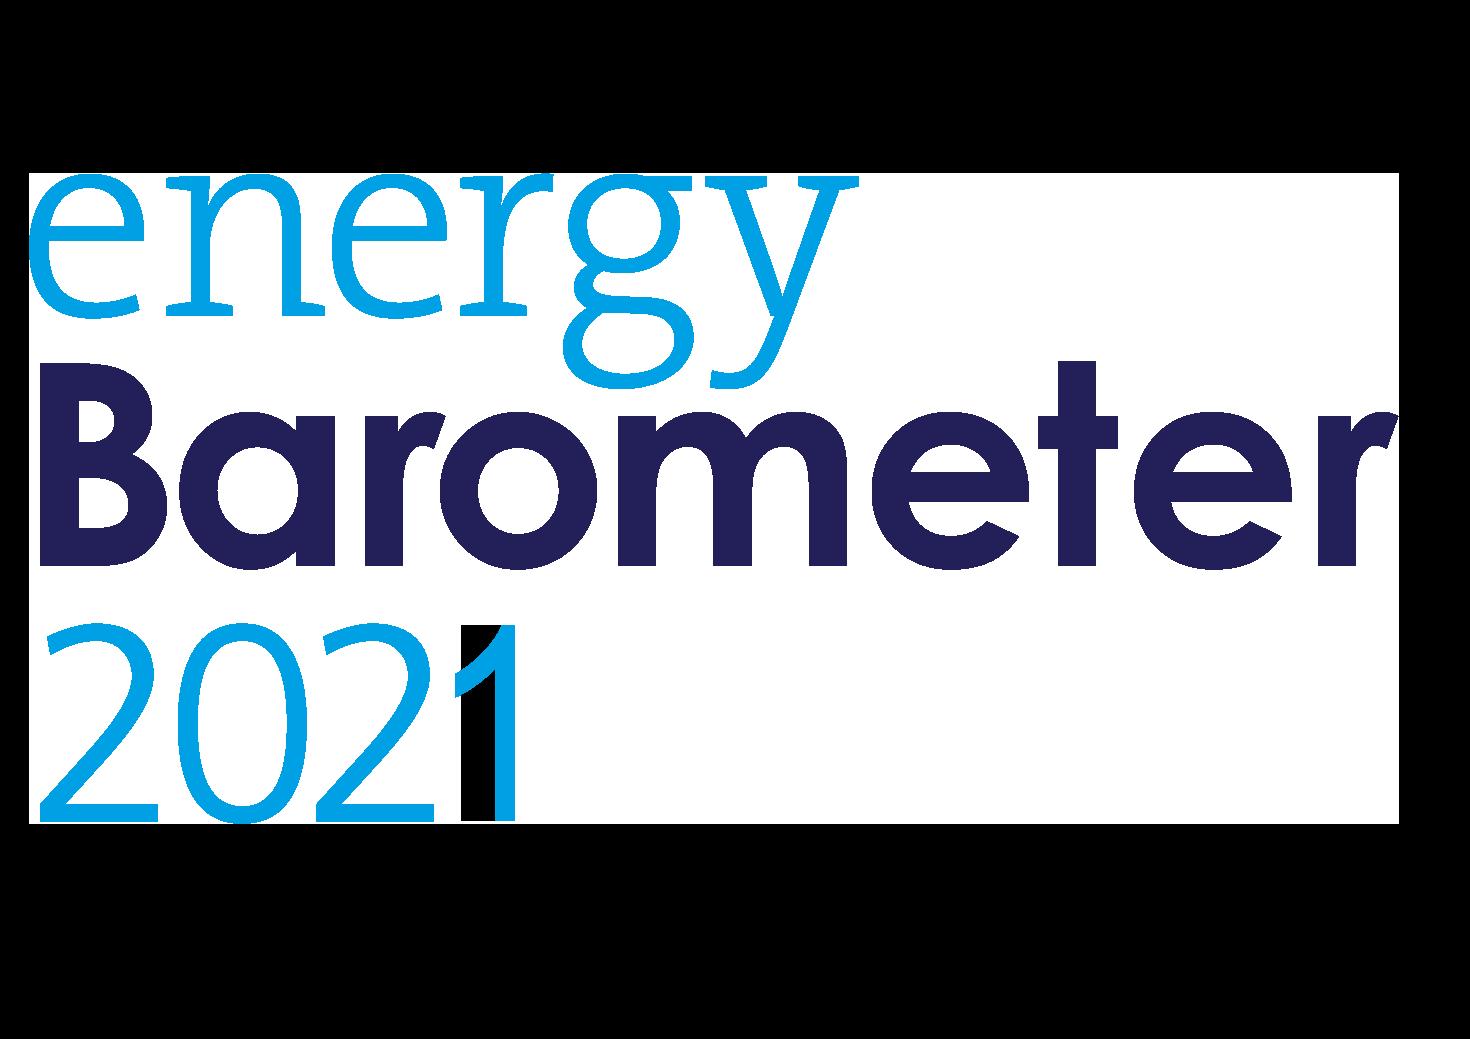 barometer title logo